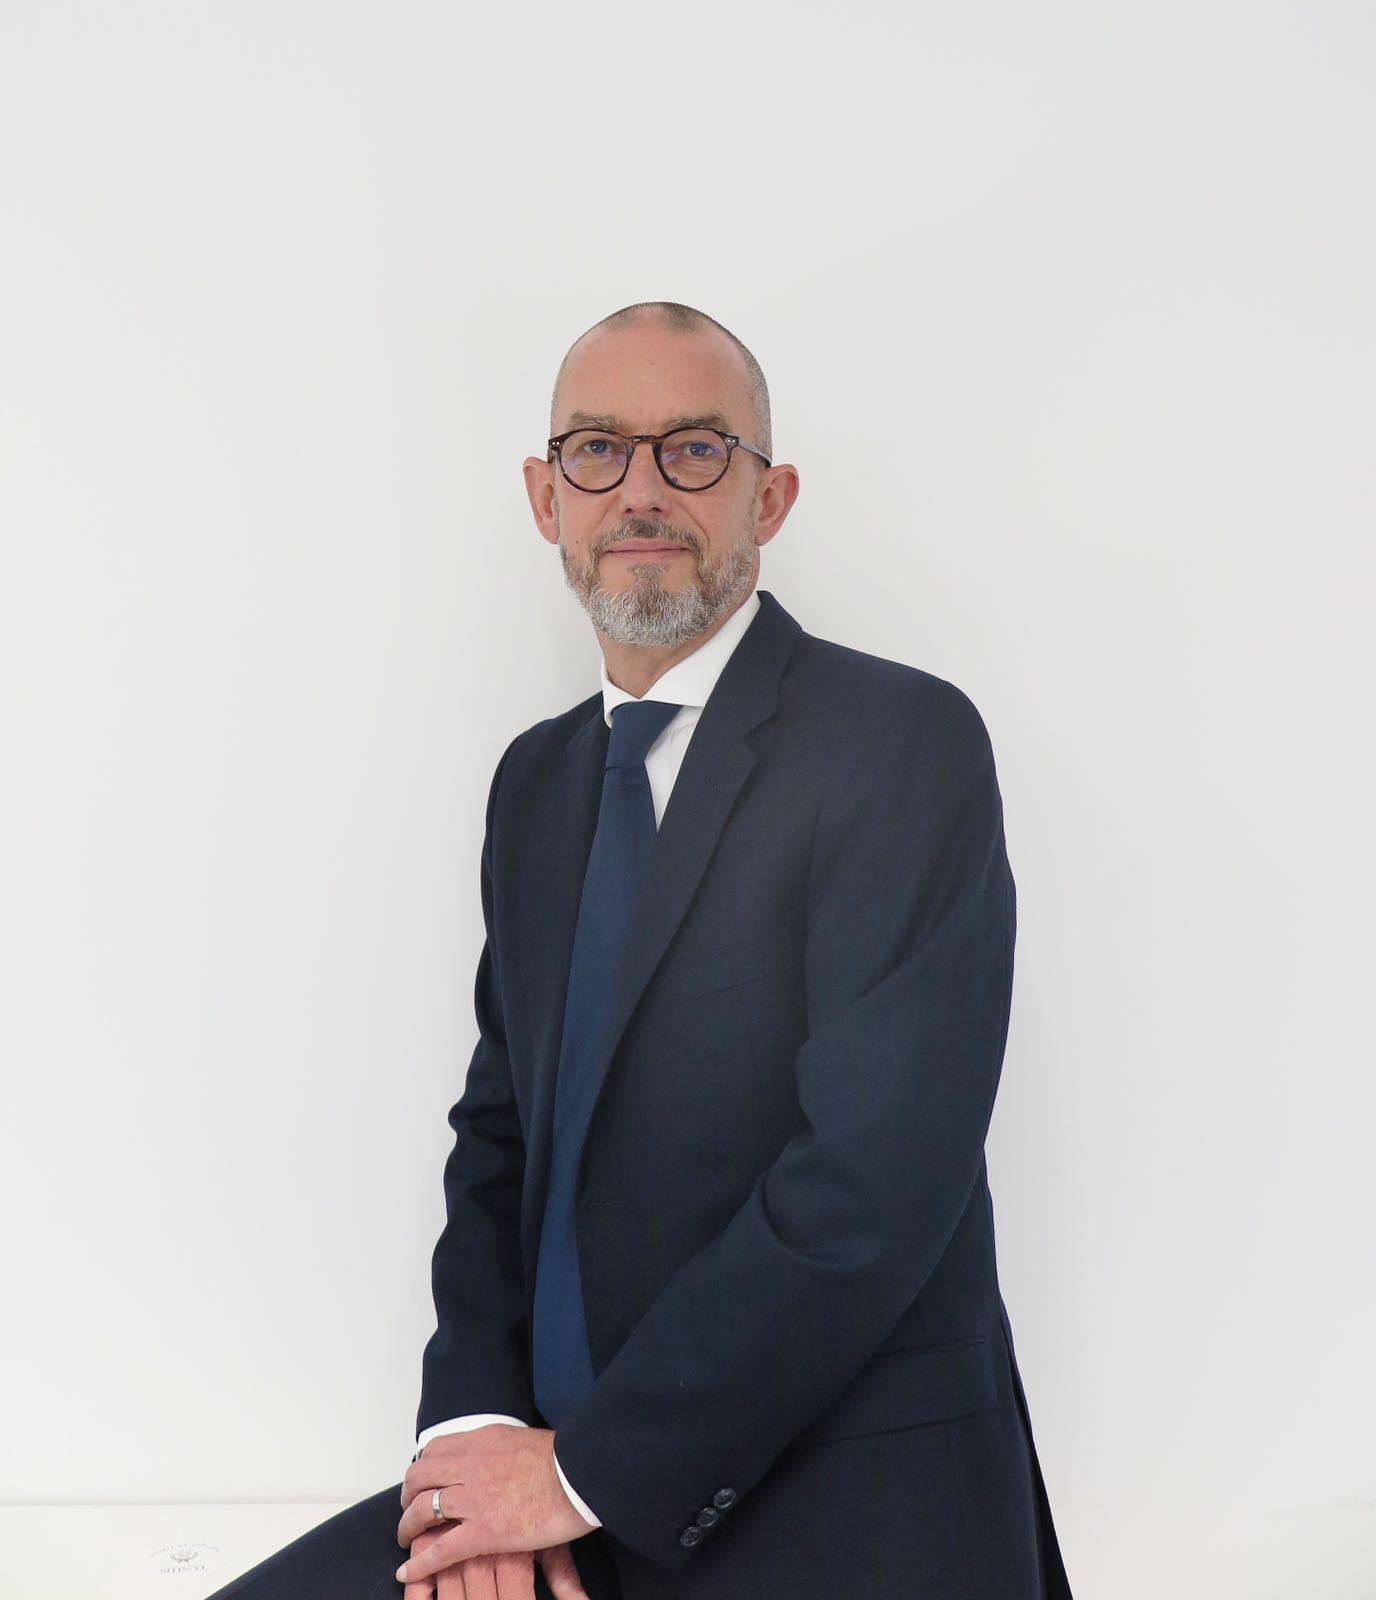 """""""Citelum met son expertise au service de résultats tangibles et mesurables."""" Jean-Daniel Le Gall, Directeur Général Adjoint."""